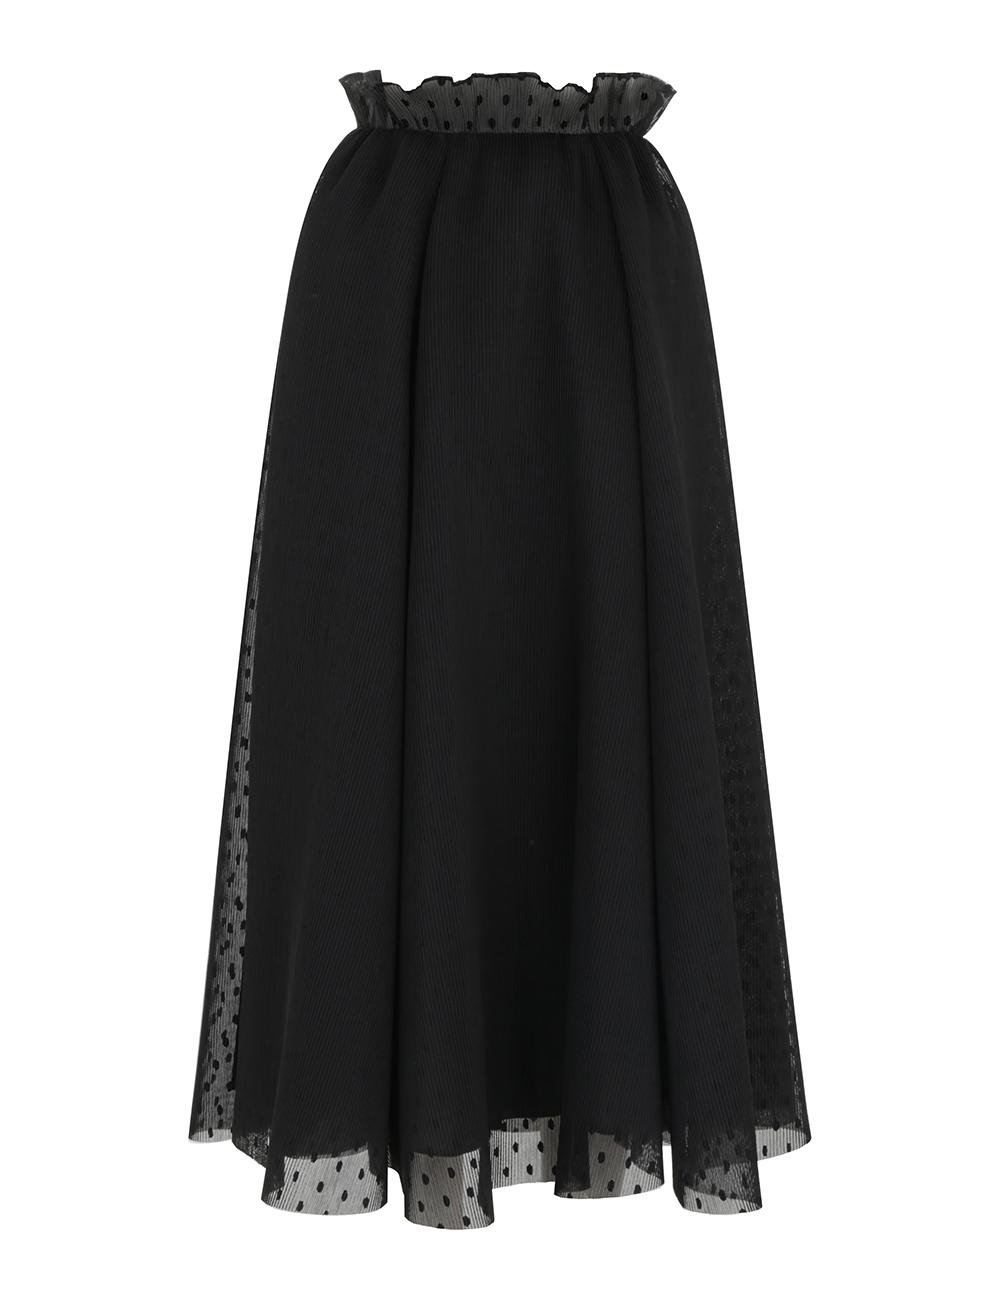 Pleat Dot Skirt